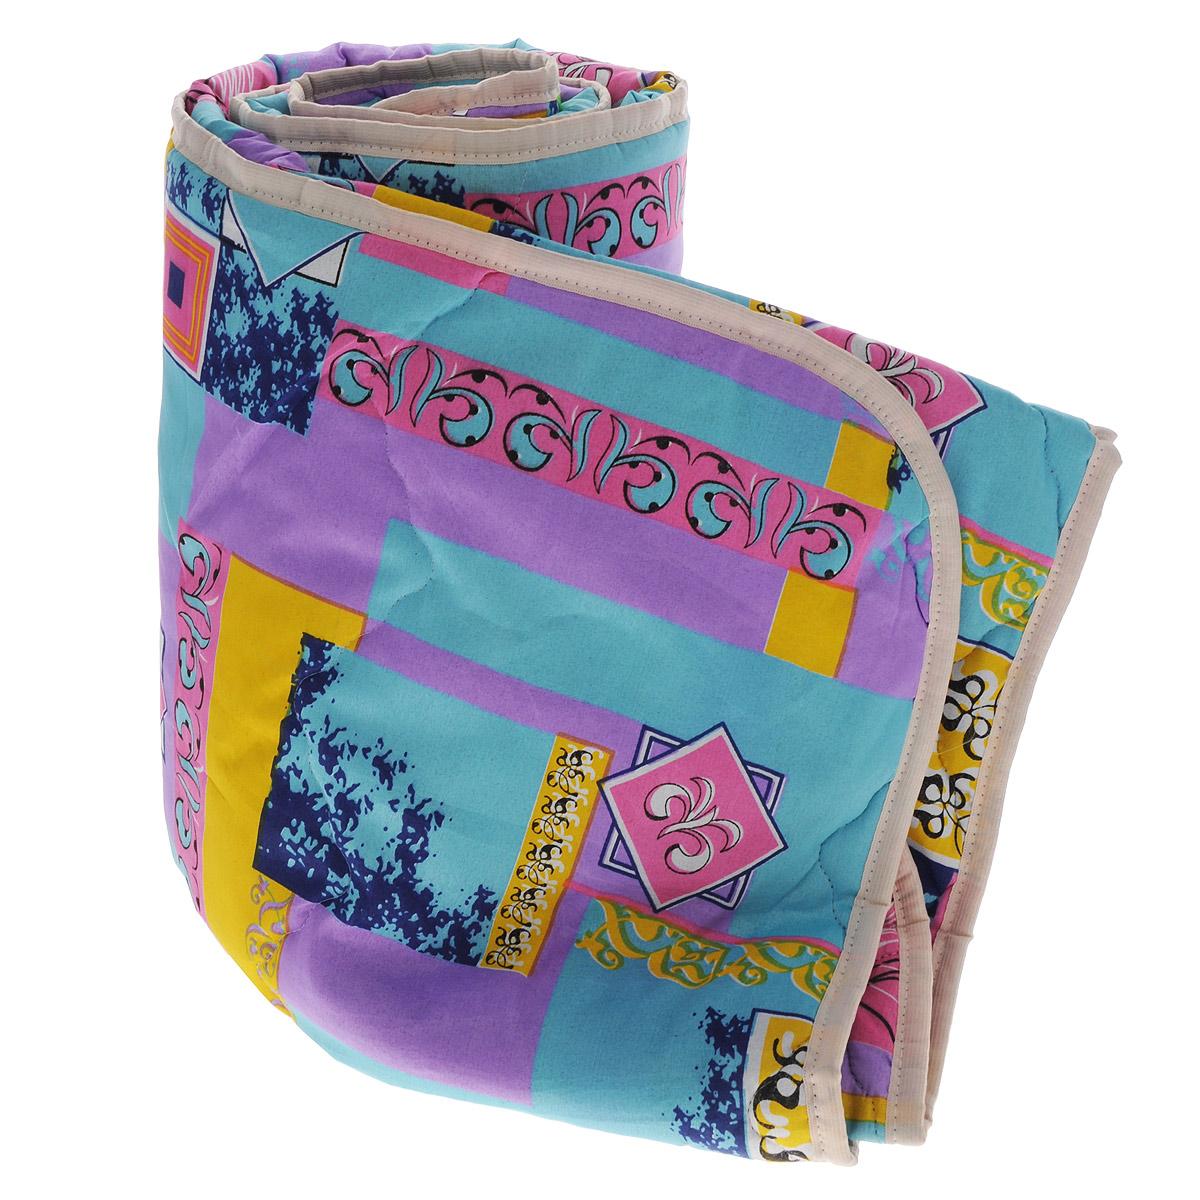 Одеяло облегченное OL-Tex Miotex, наполнитель: холфитекс, цвет: желтый, бирюзовый, сиреневый, 140 см х 205 смV30 AC DCЧехол облегченного одеяла OL-Tex Miotex выполнен из высококачественного полиэстера. Наполнитель - холфитекс. Одеяло простегано - значит, наполнитель внутри будет всегда распределен равномерно. Изделие оформлено ярким рисунком.Идеально подойдет тем, кто ценит мягкость и тепло. Ручная стирка при температуре 30°С. Материал чехла: 100% полиэстер.Наполнитель: холфитекс.